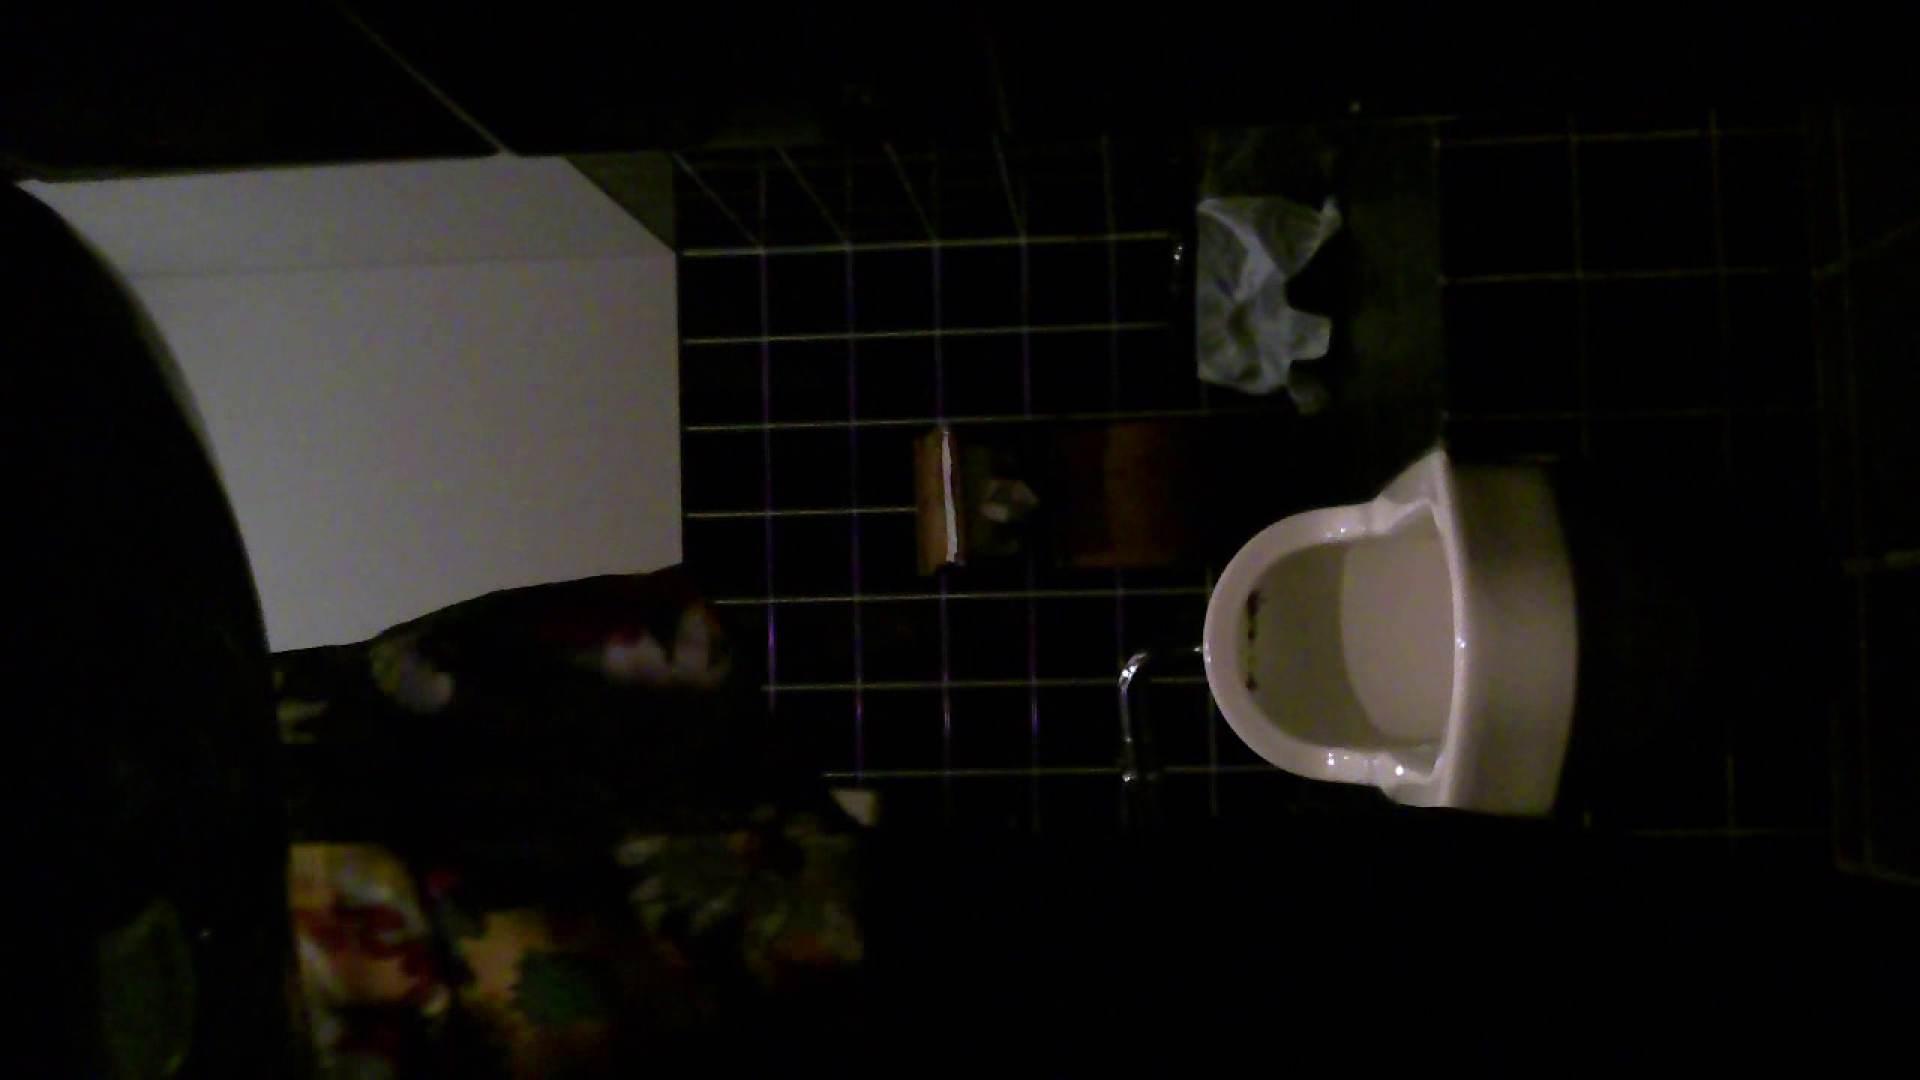 美女の集まる飲み屋洗面所 vol.04 エロティックなOL  76画像 8